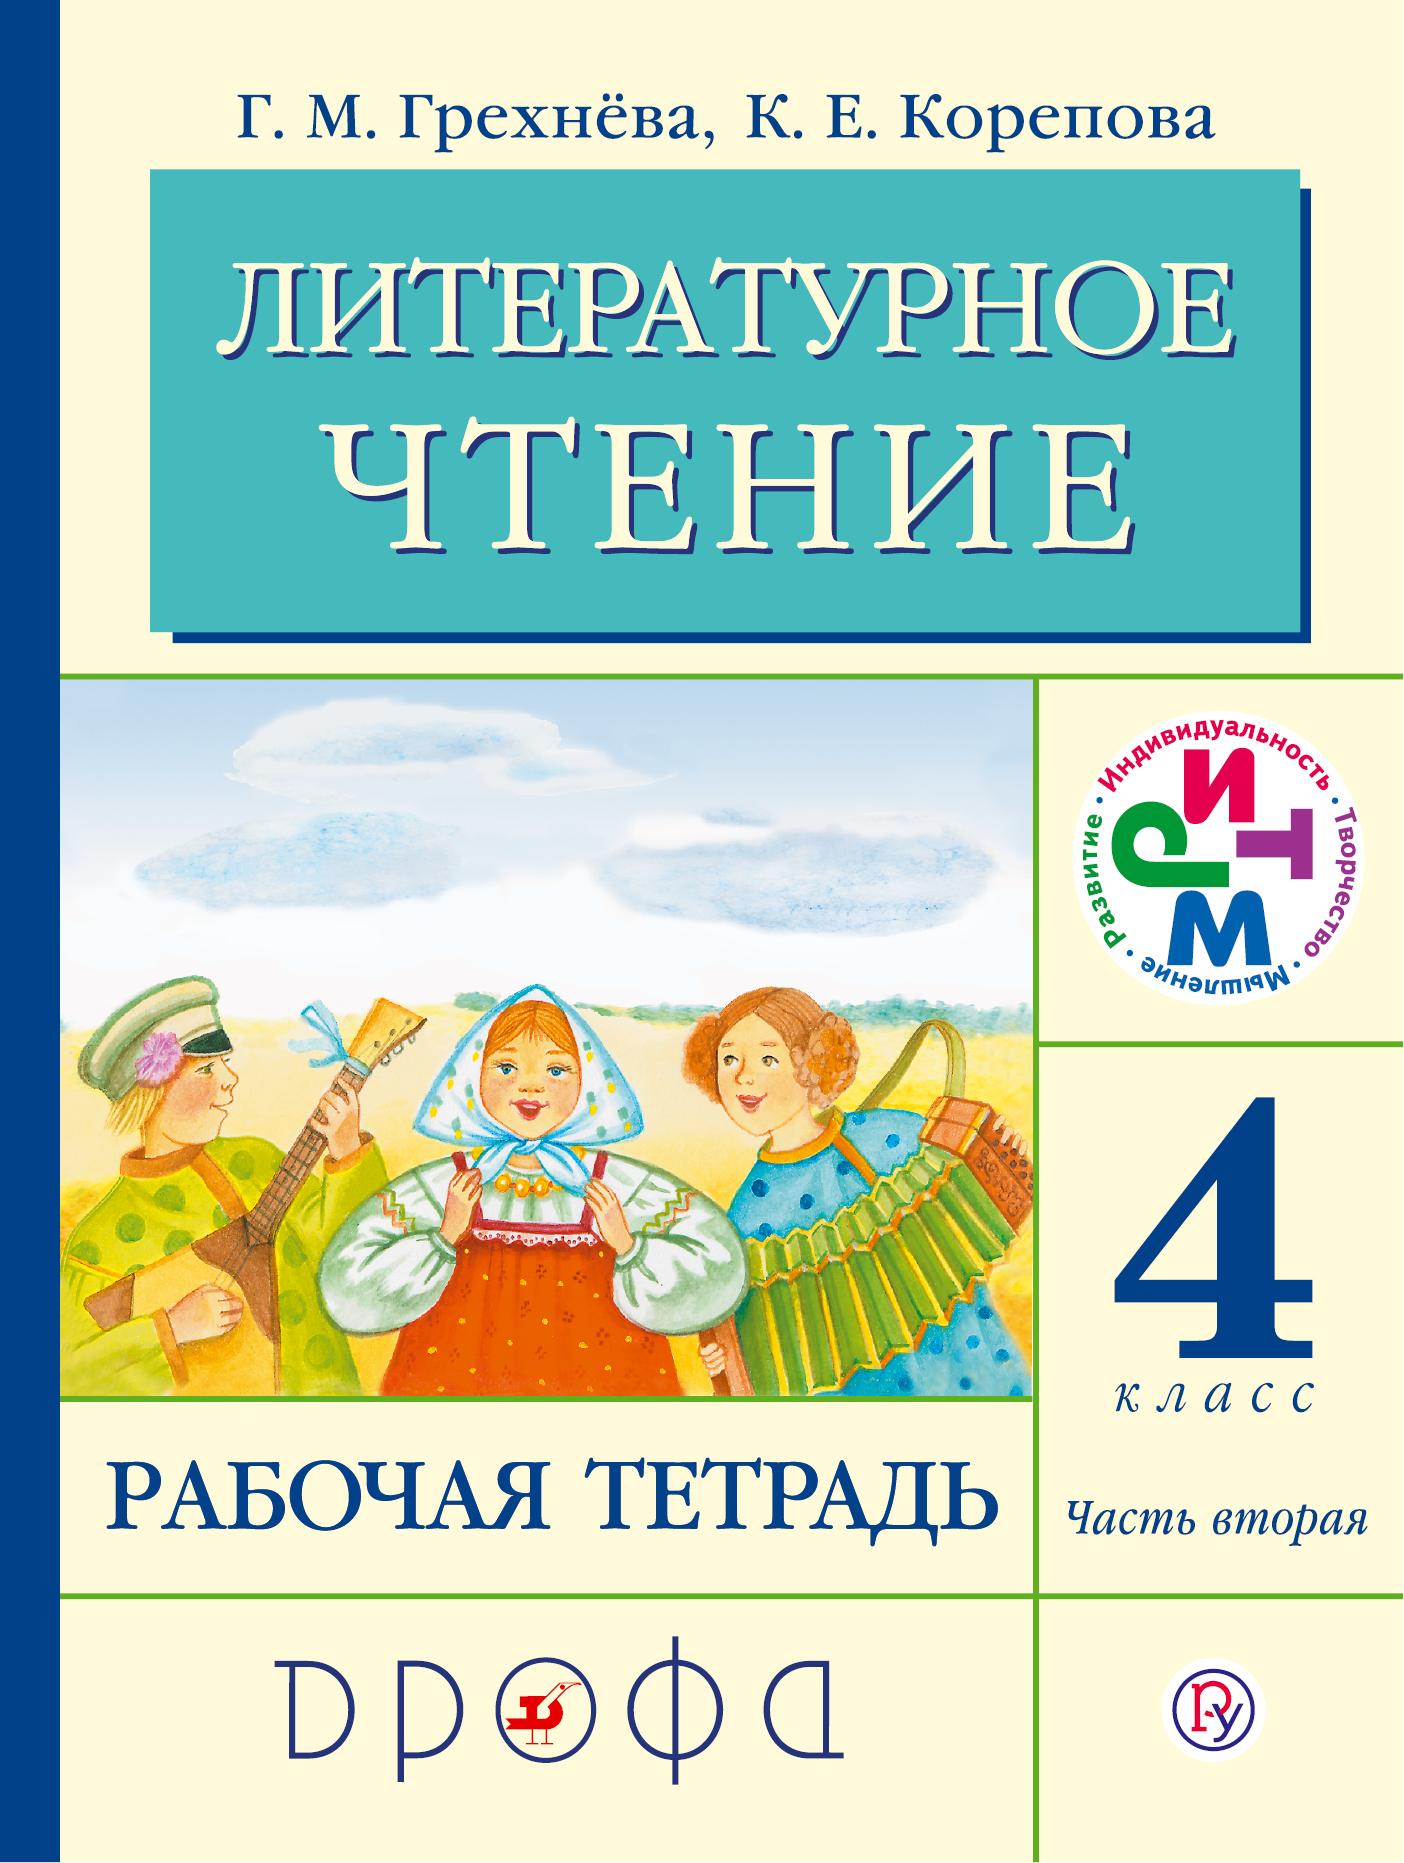 Литературное чтение. 4 кл. Рабочая тетрадь. Часть 2. РИТМ ( Грехнева Г.М., Корепова К.Е.  )